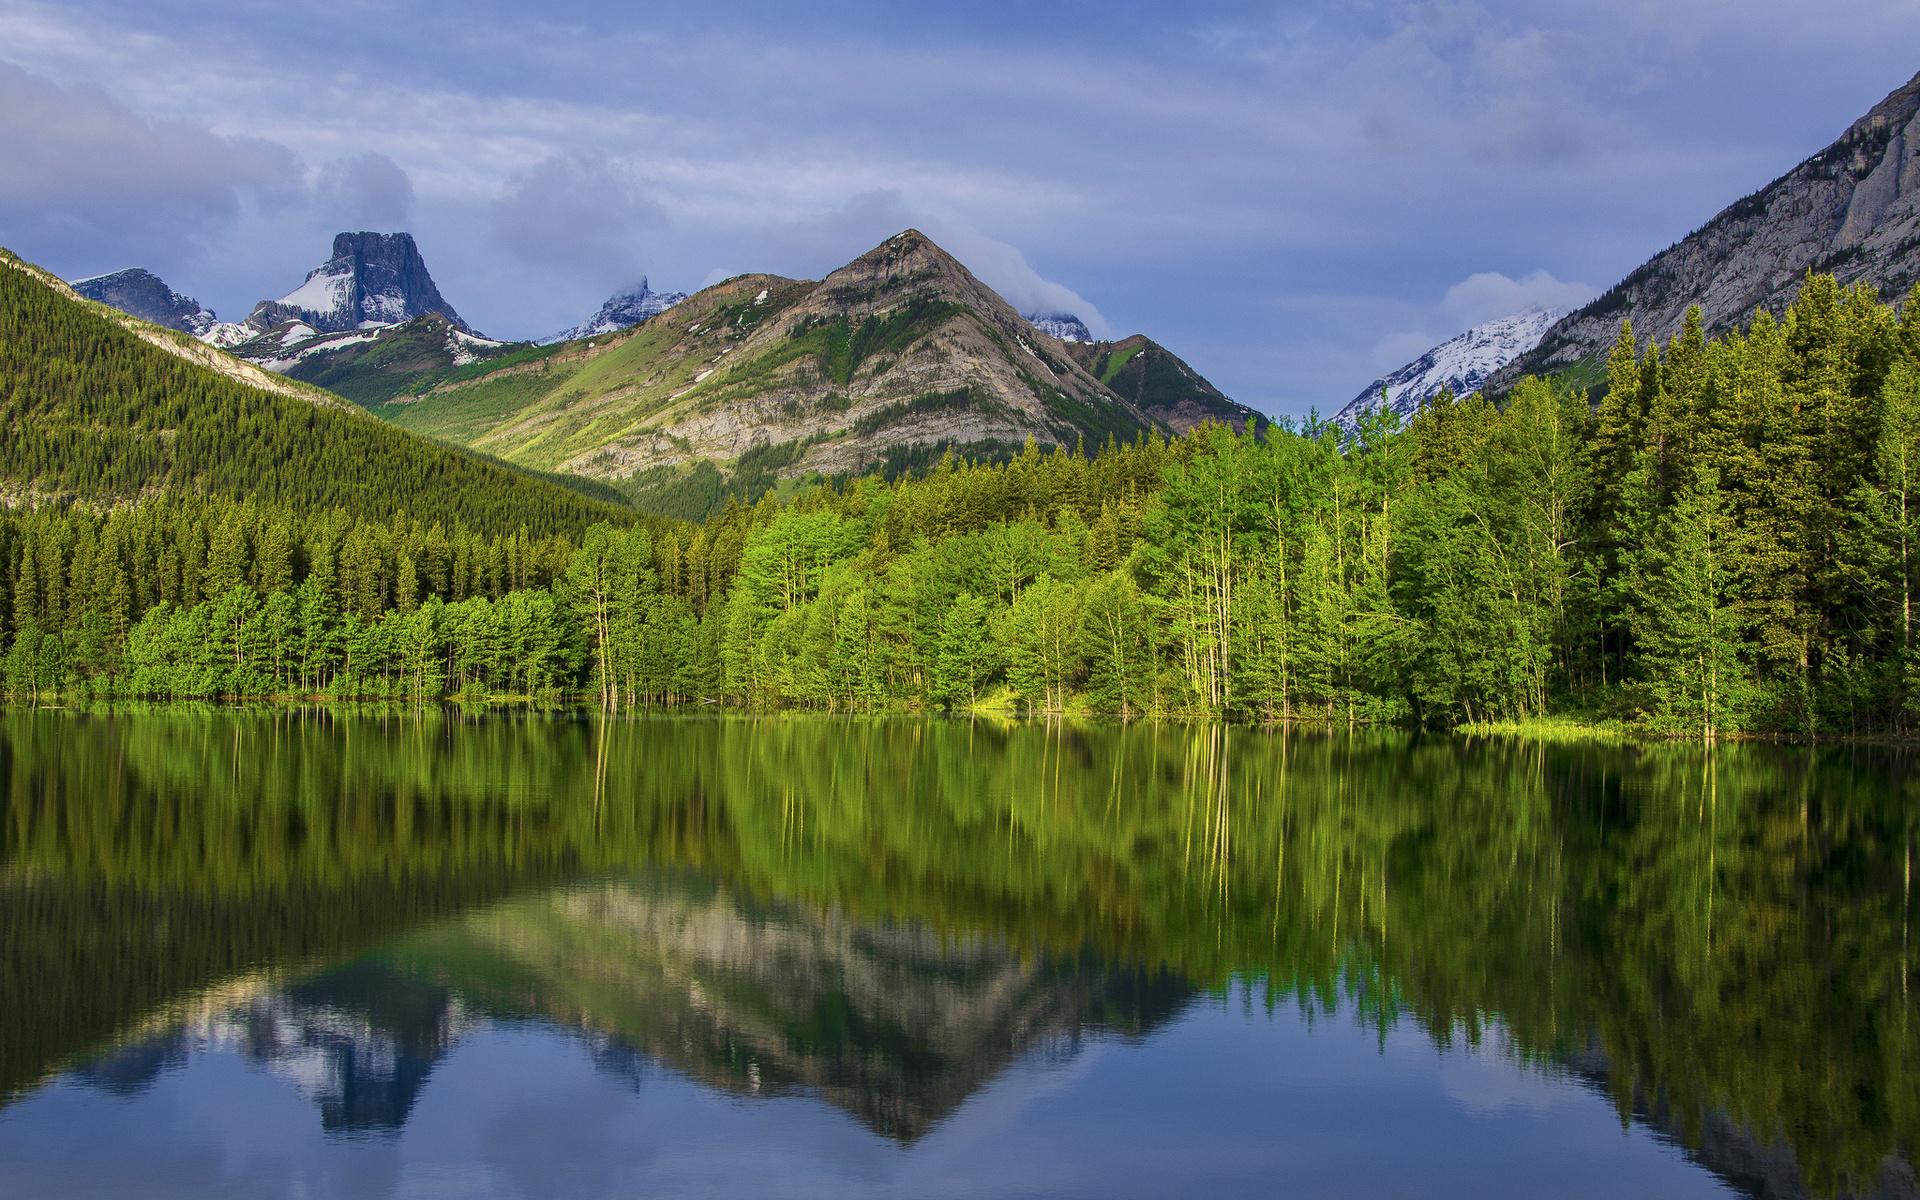 Озеро, гора, зеленый лес  № 621628 бесплатно